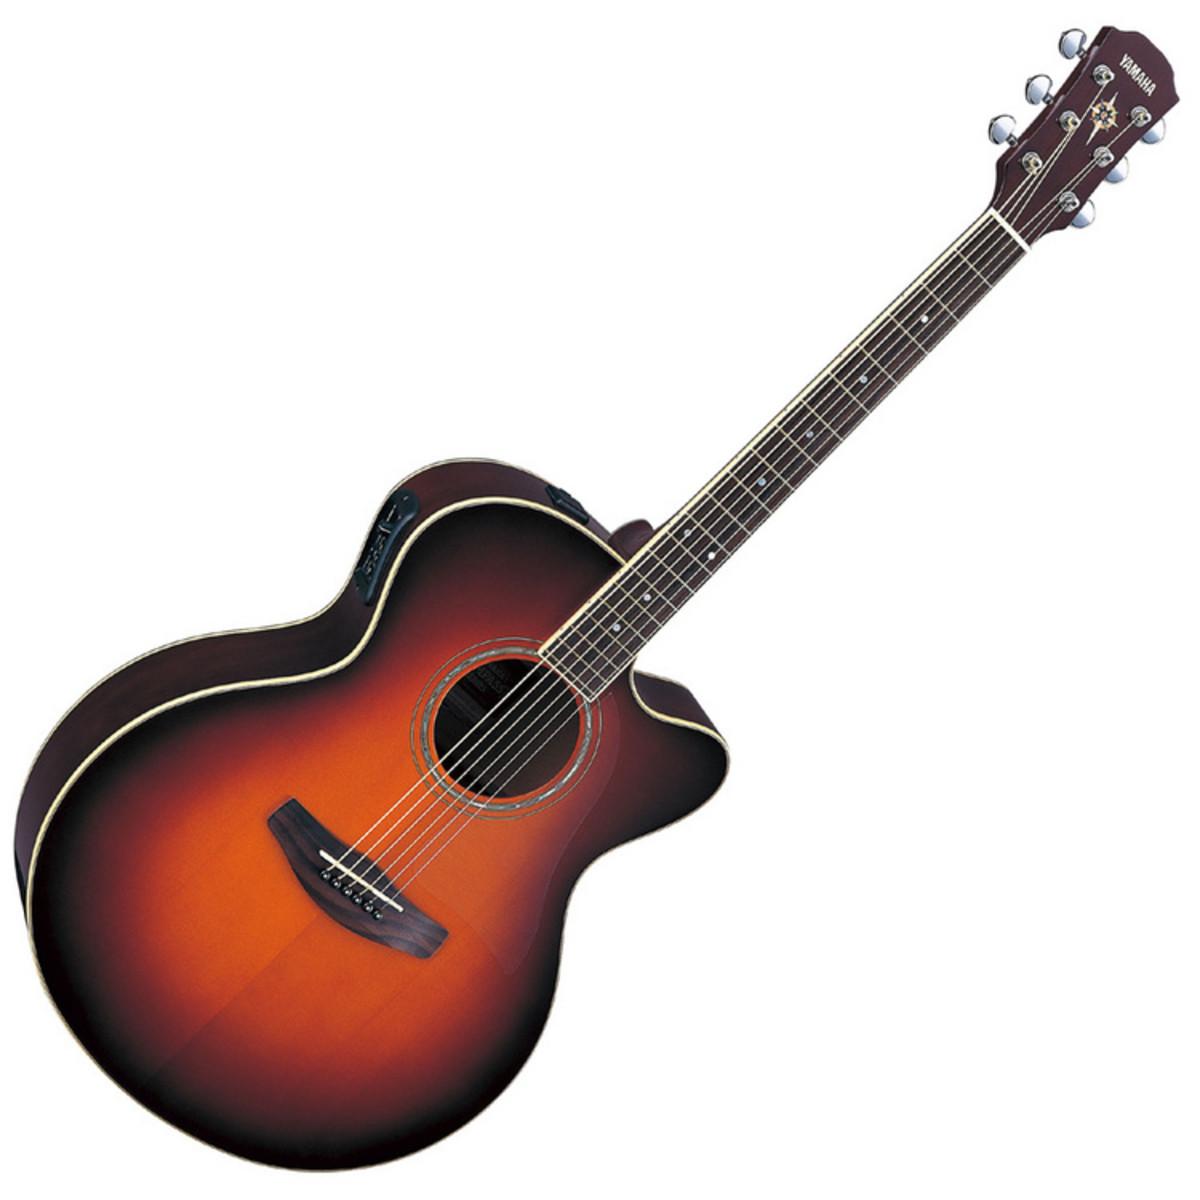 puis yamaha cpx500 electro acoustique guitare violon. Black Bedroom Furniture Sets. Home Design Ideas